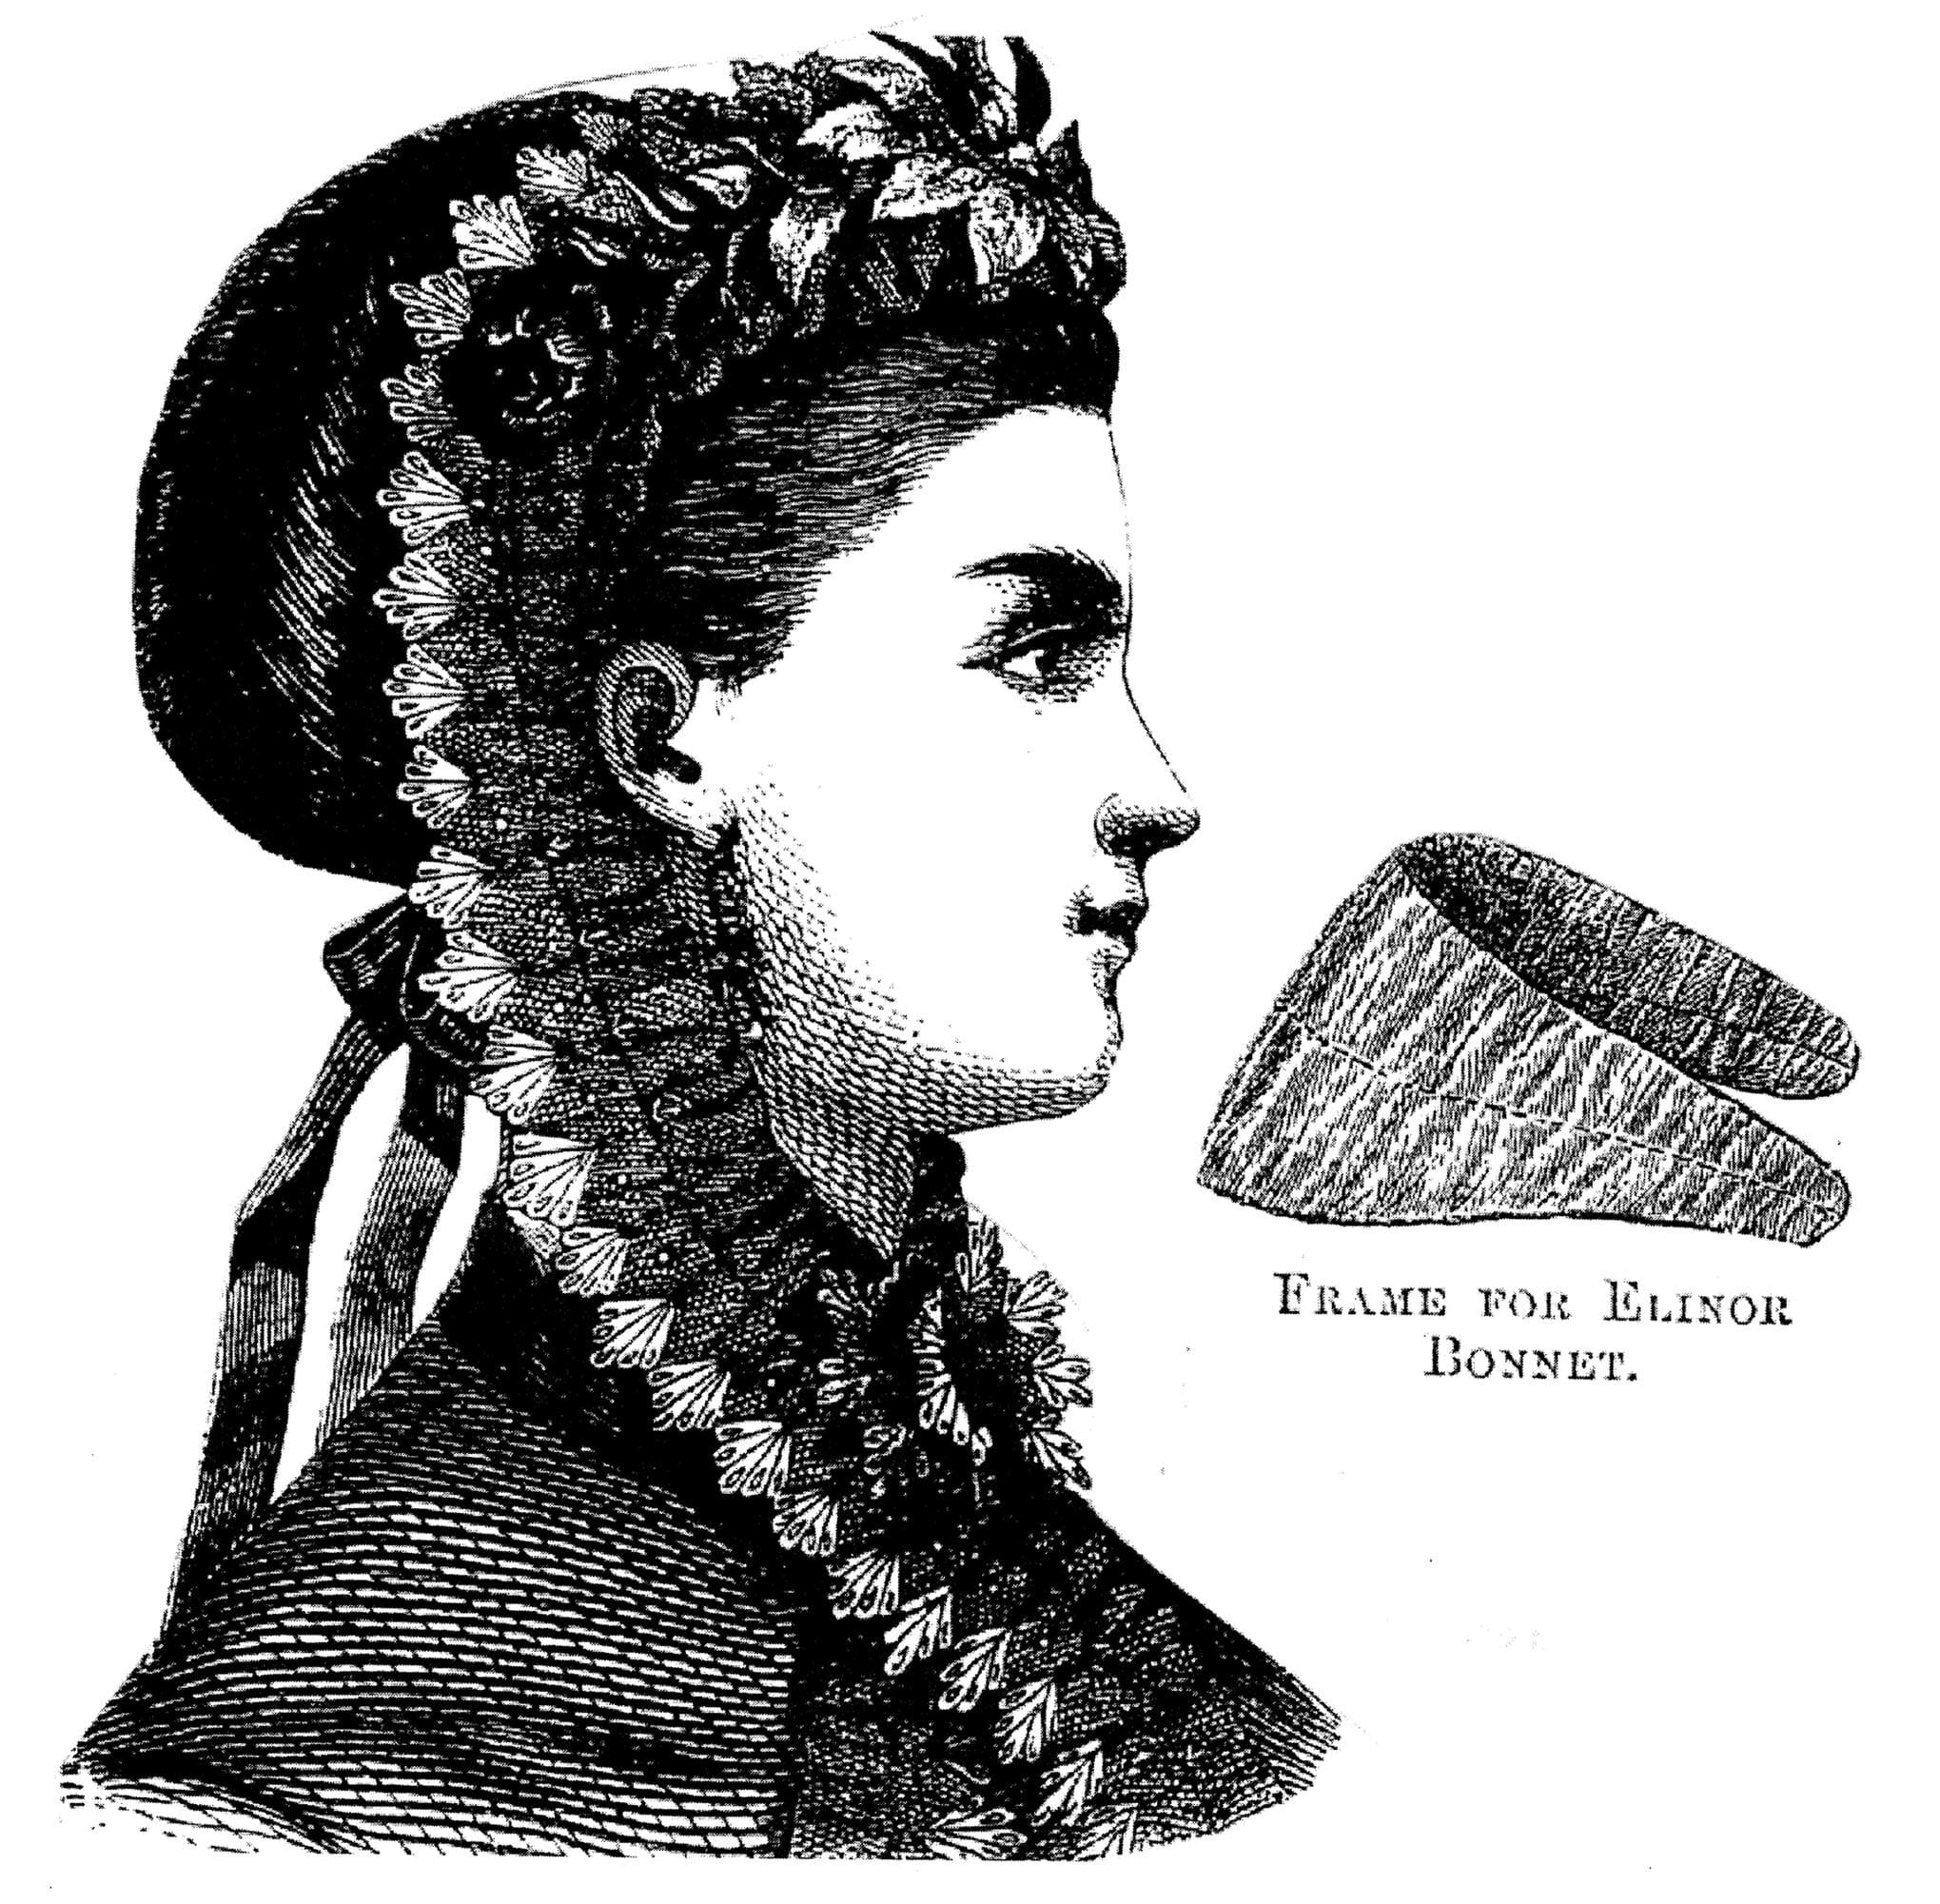 Sewing Pattern: 1869 Elinor Bonnet